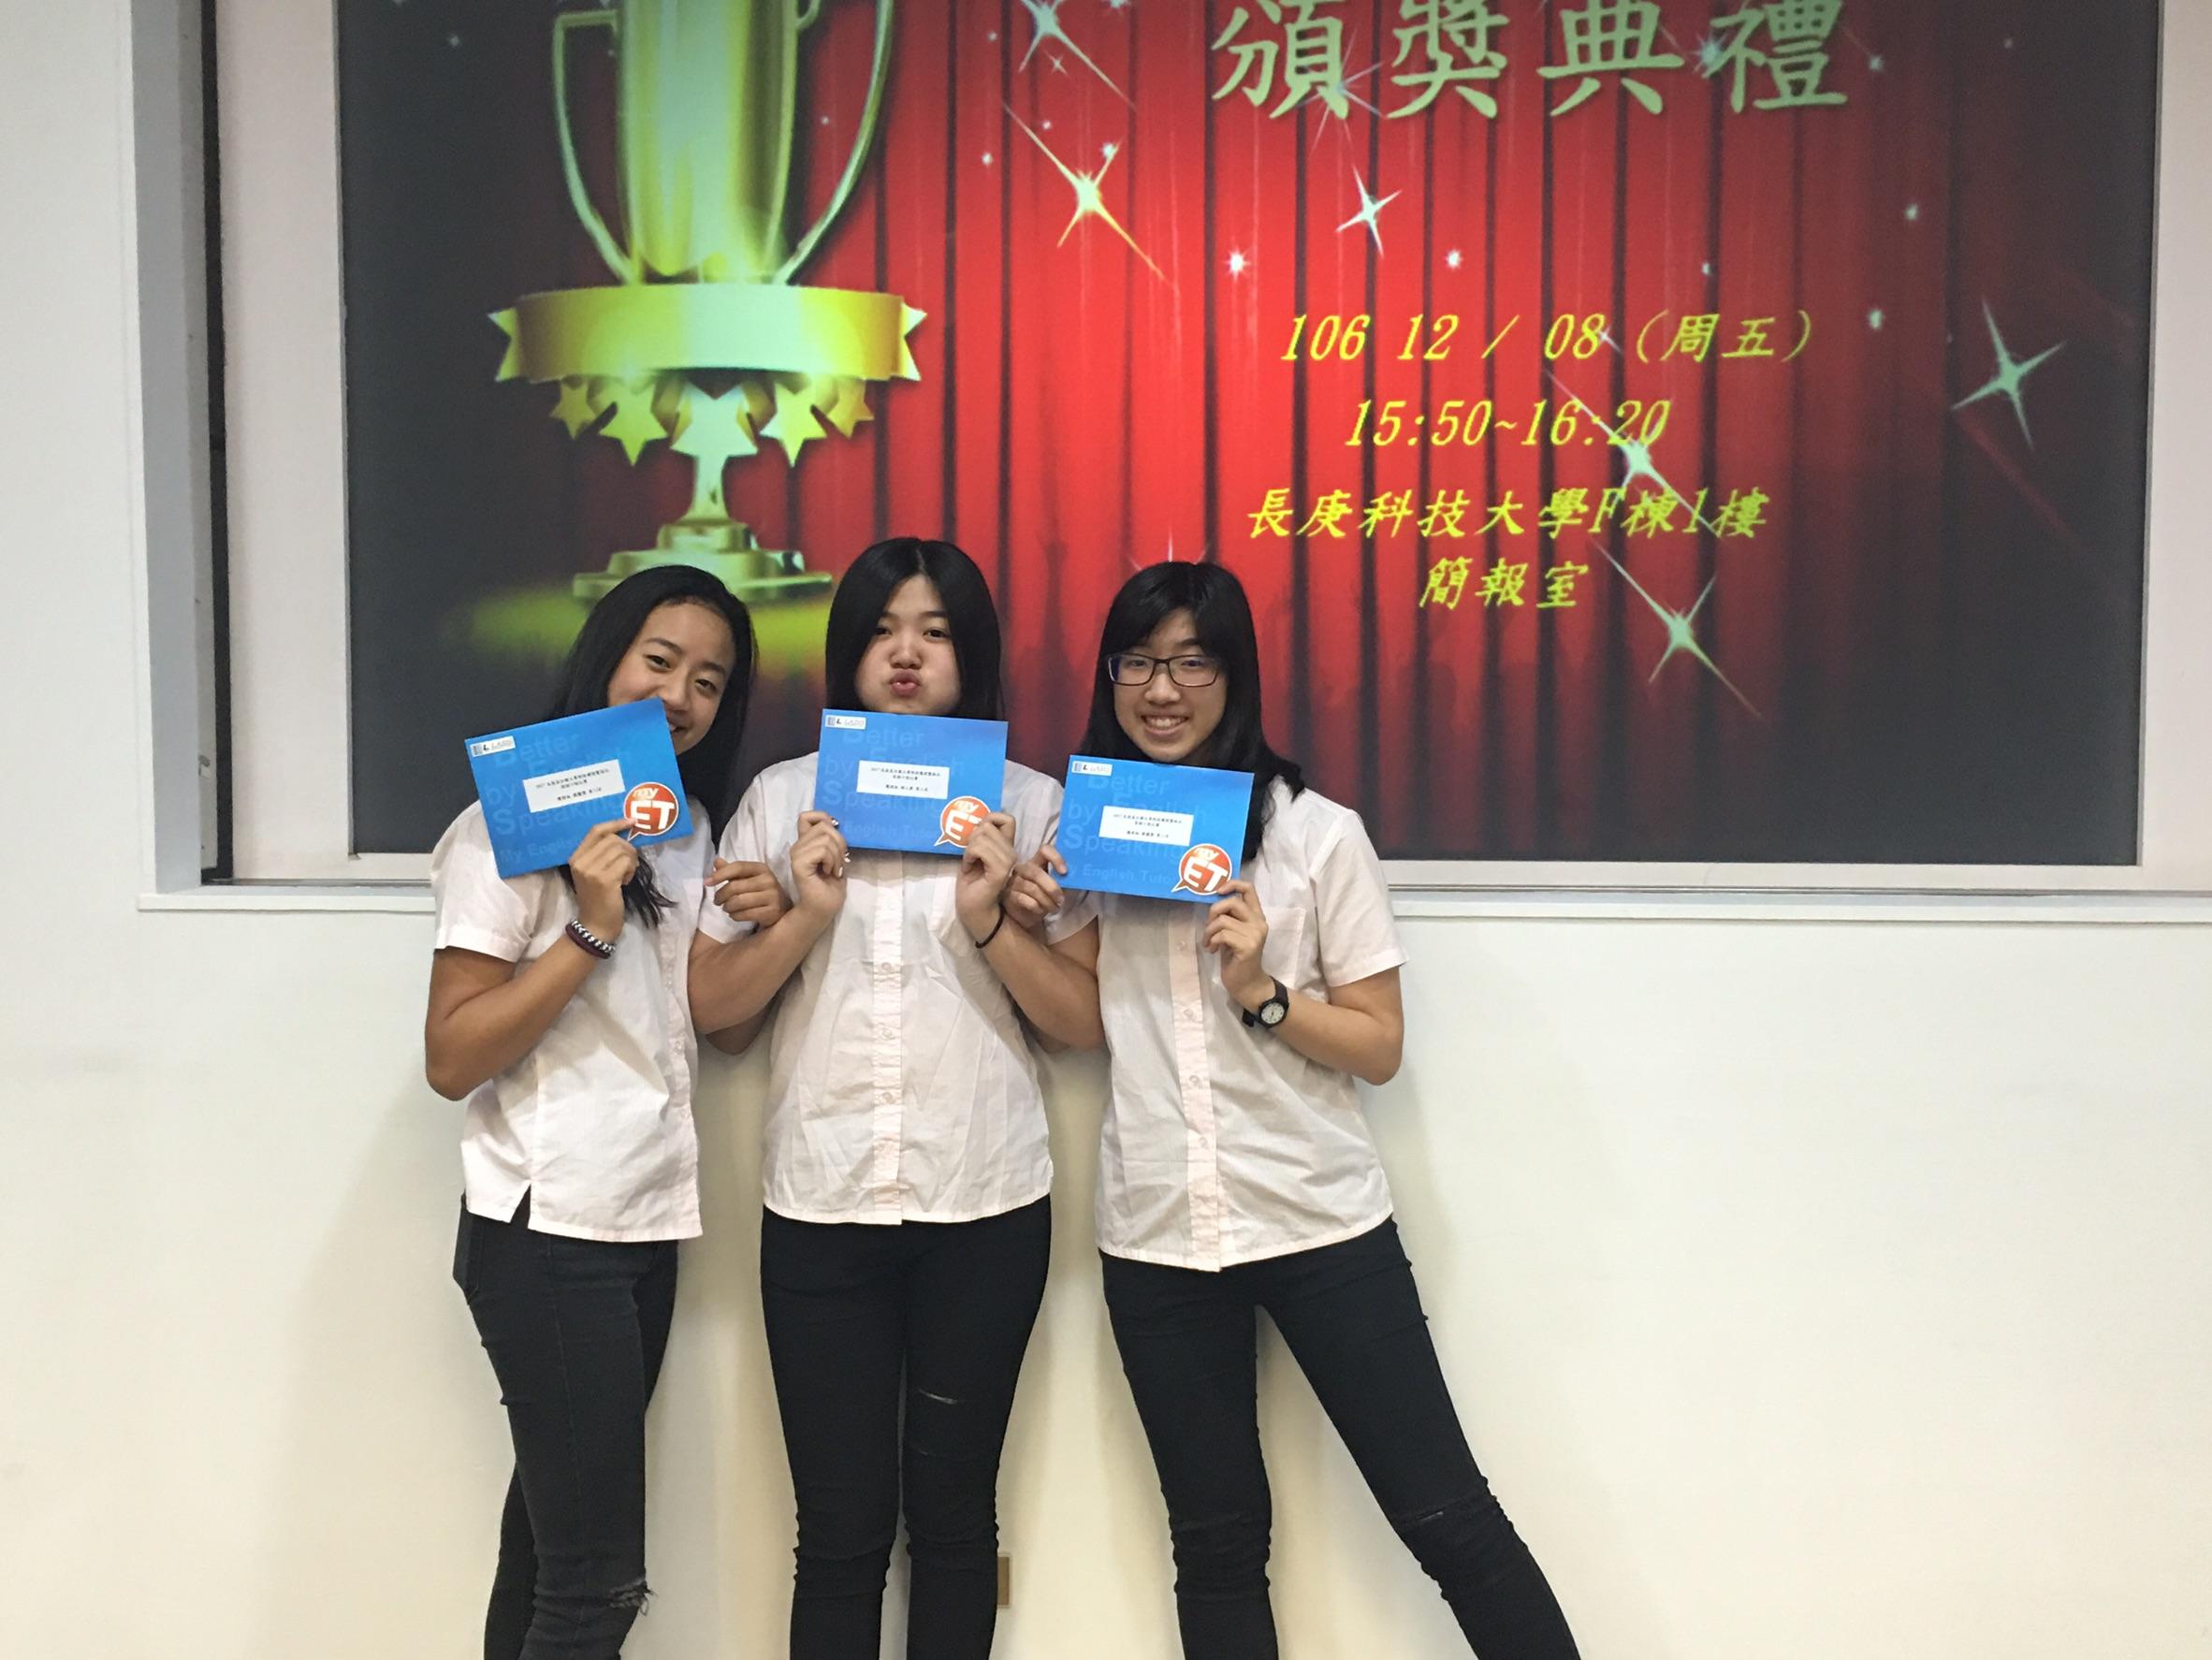 恭喜護理科張軒綺、林一新、何蕙恩同學參加全國護理口說英語競賽榮獲團體第二名